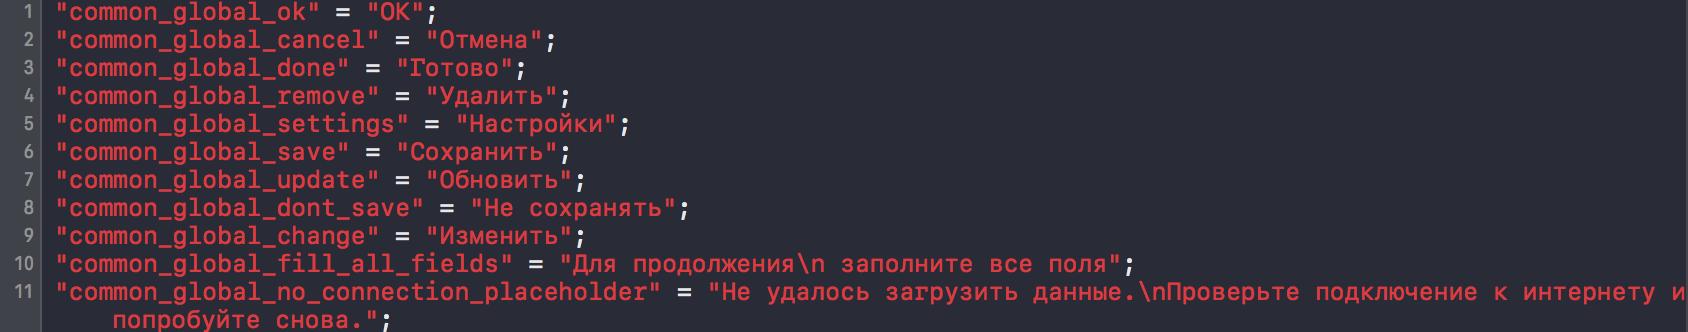 Упрощение локализации в iOS - 3